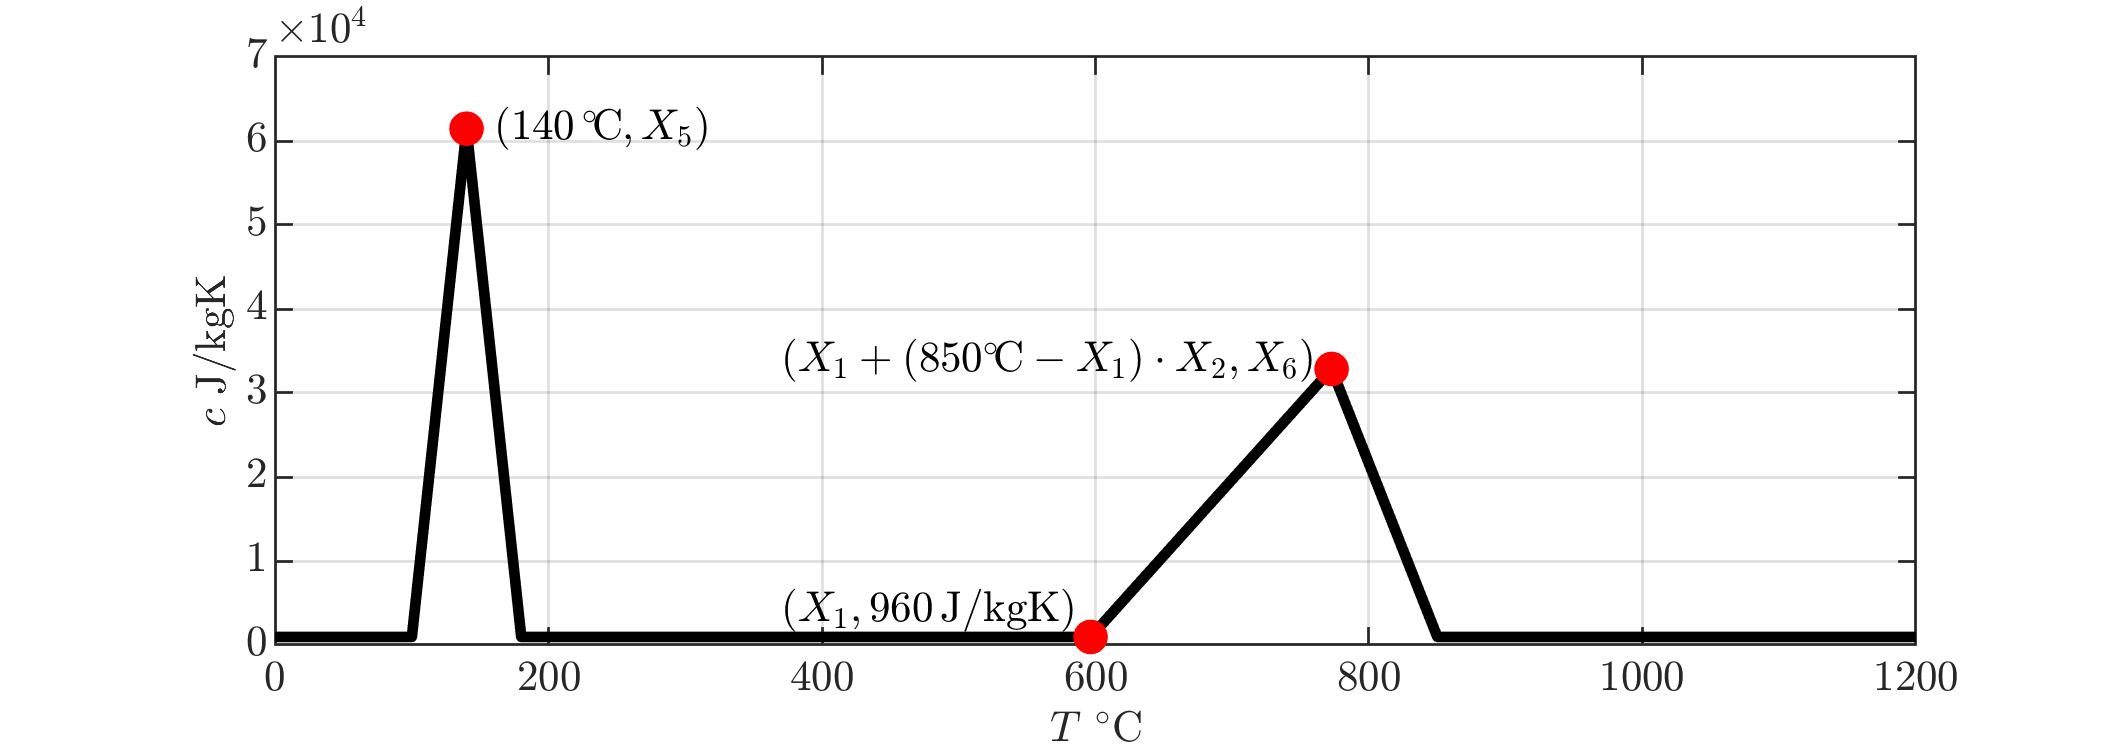 parametrizationSpecHeat